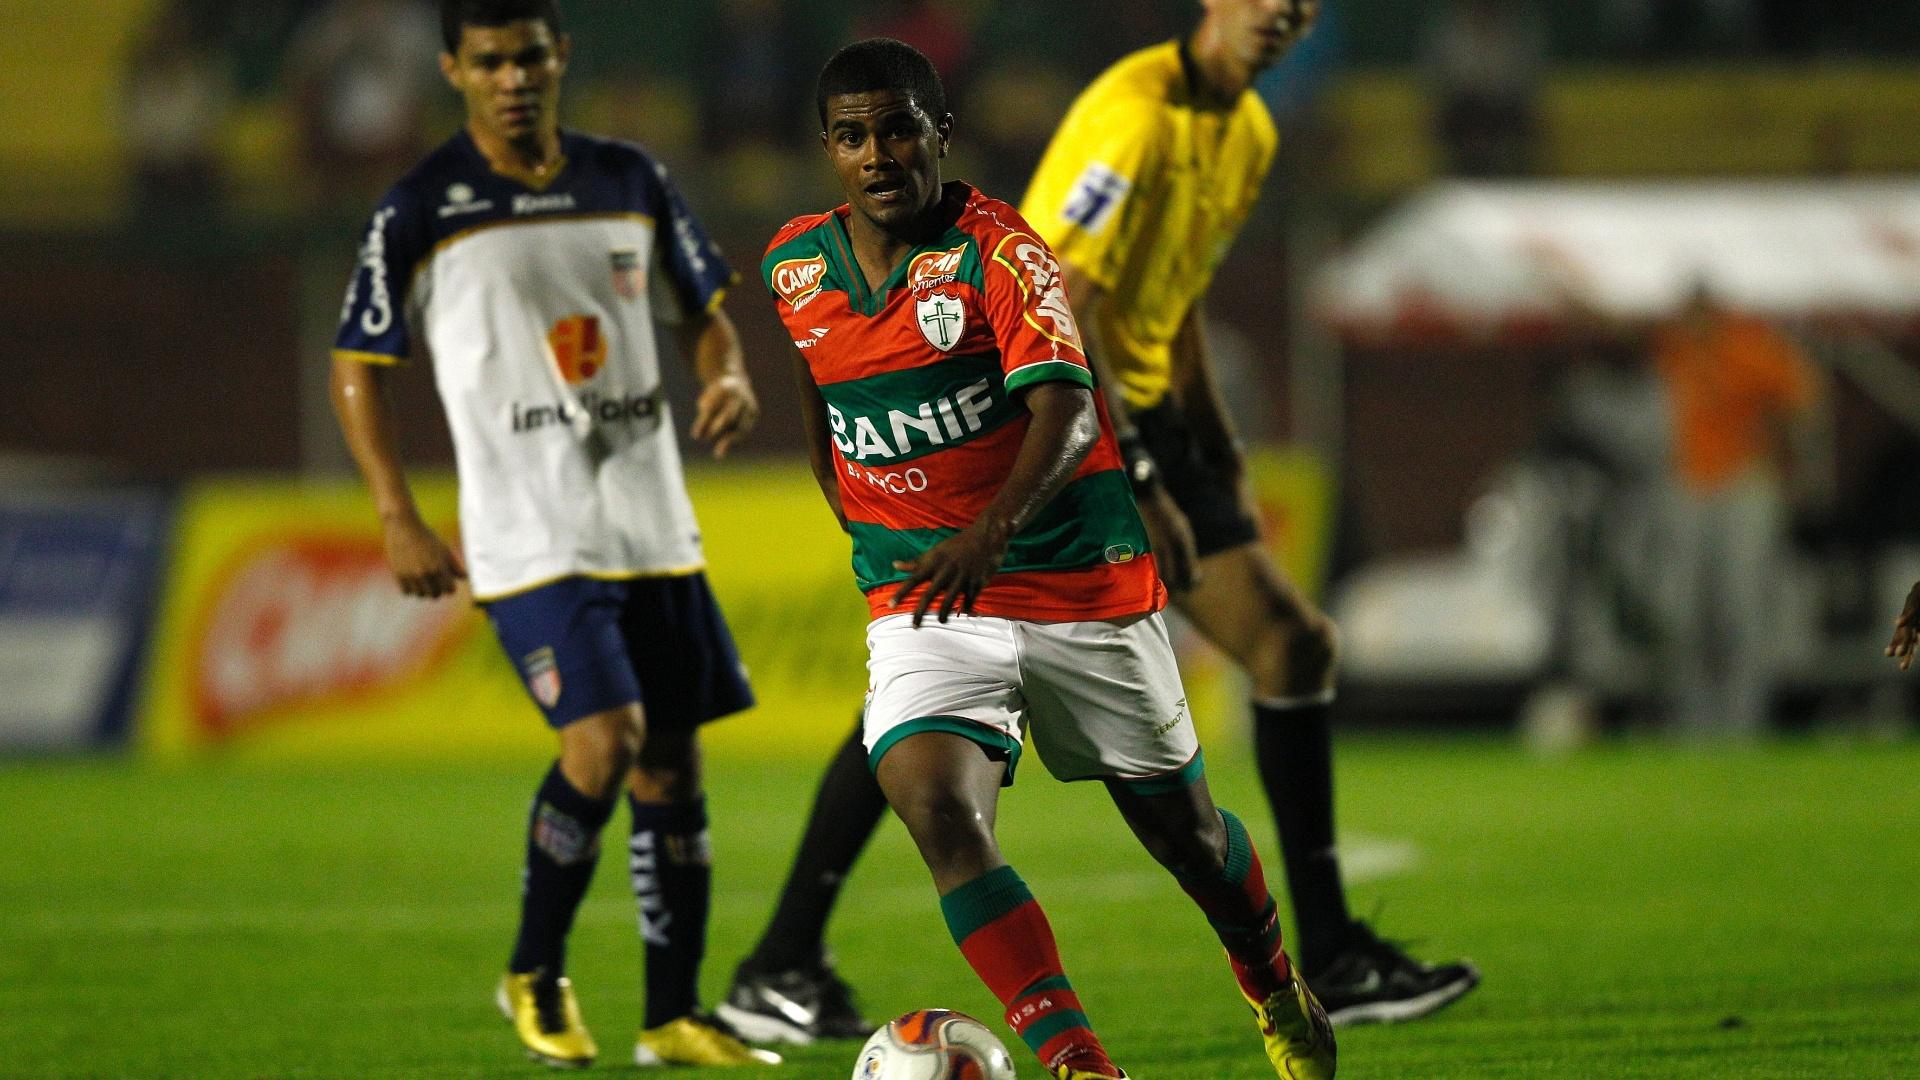 Henrique tenta jogada pela Portuguesa no empate sem gols com o Americana (26/07/2011)